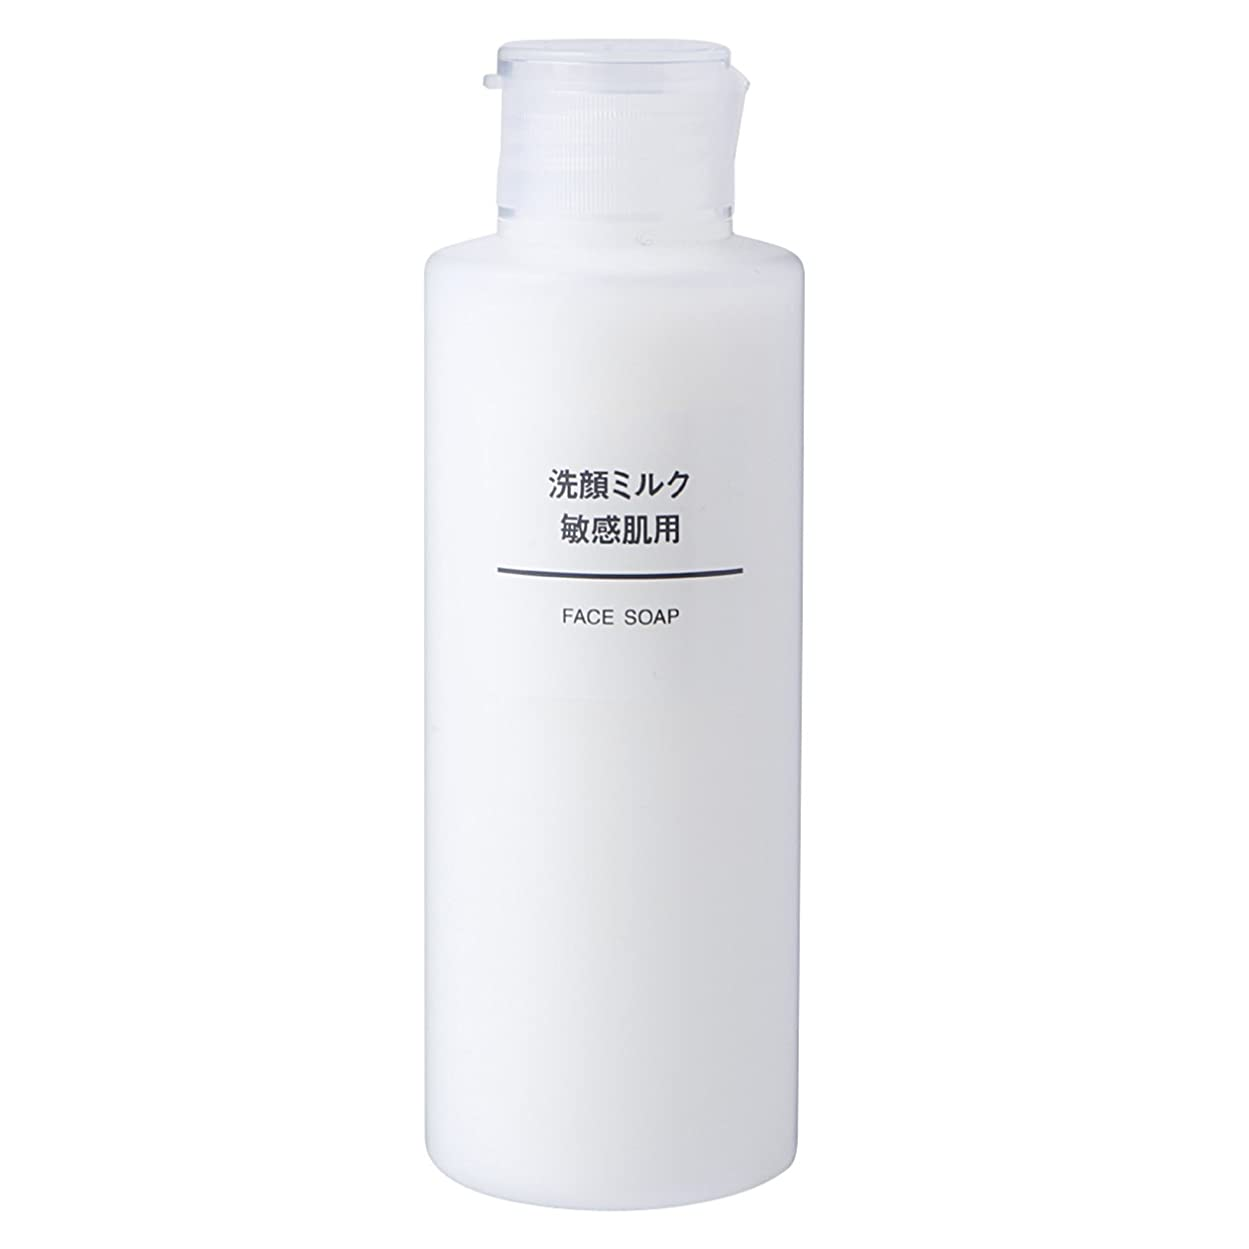 ジェスチャーアクセシブル振るう無印良品 洗顔ミルク 敏感肌用 150ml